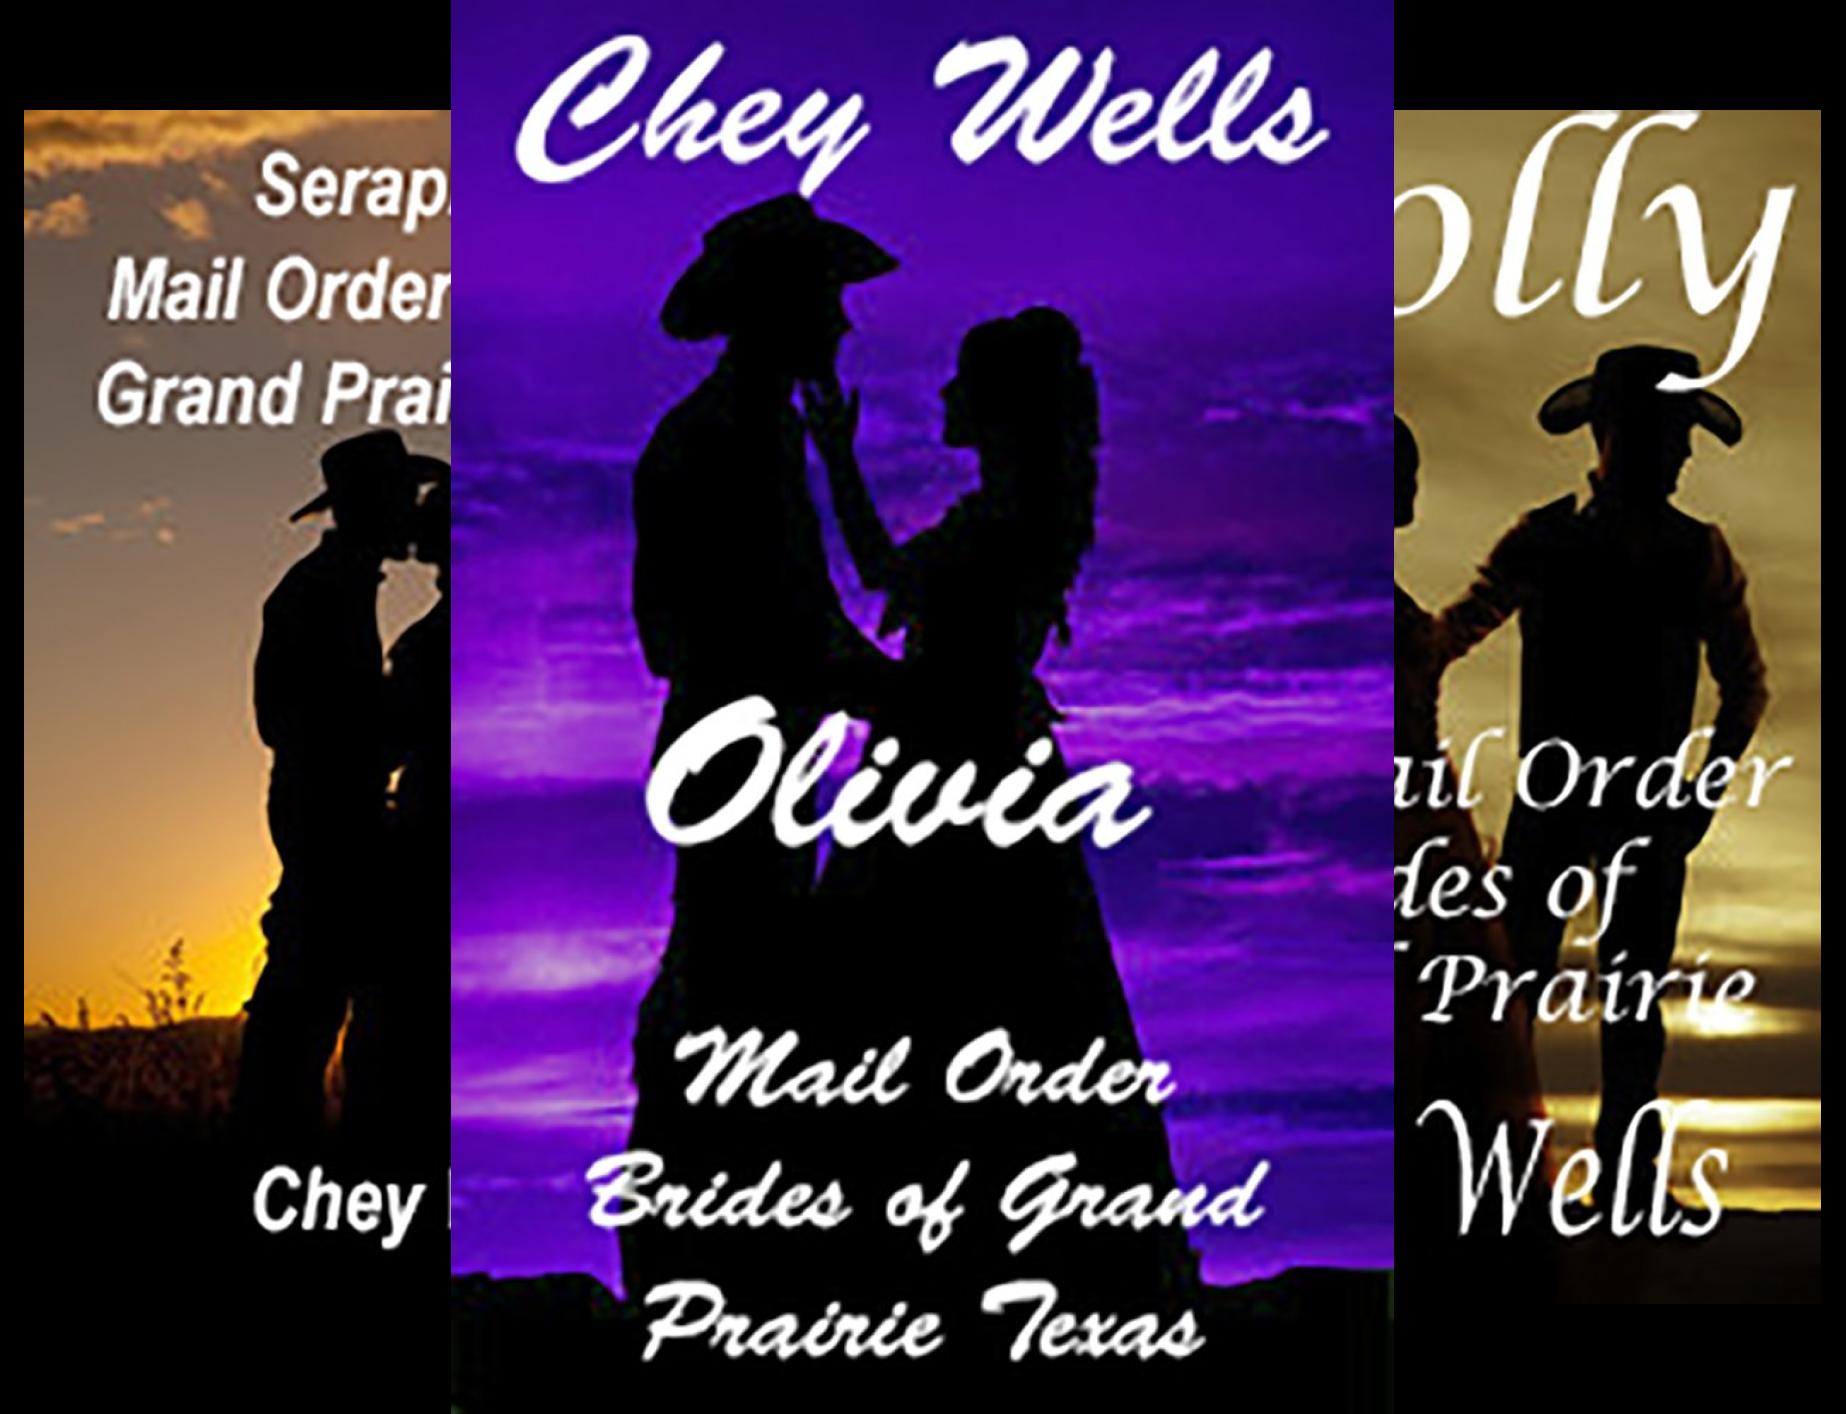 Mail Order Brides of Grand Prairie Texas (3 Book Series)